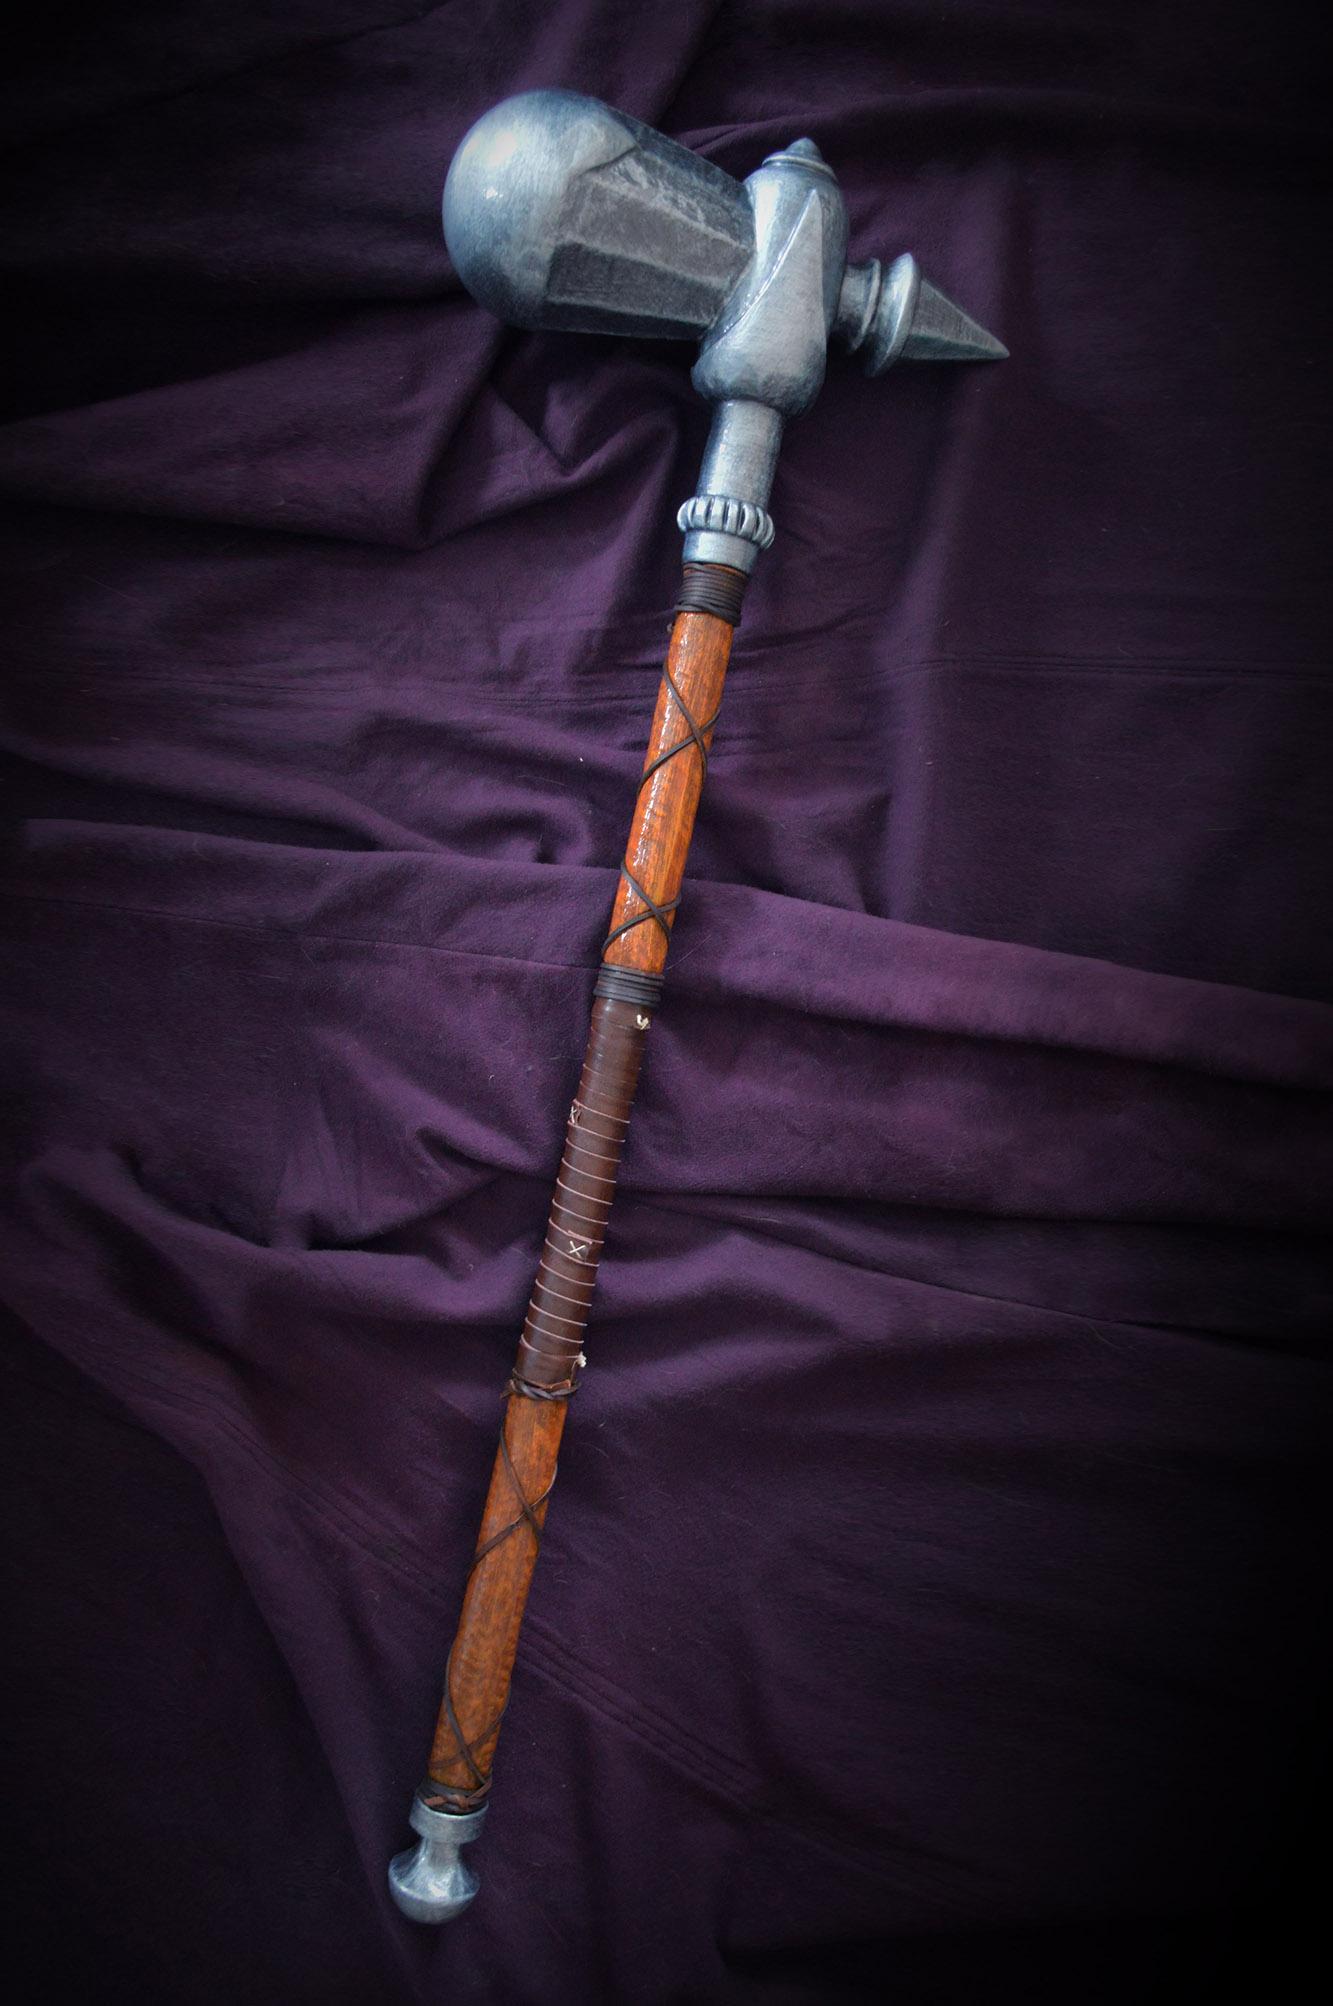 Marteau-GoT-Game-of-thrones-trone-de-fer